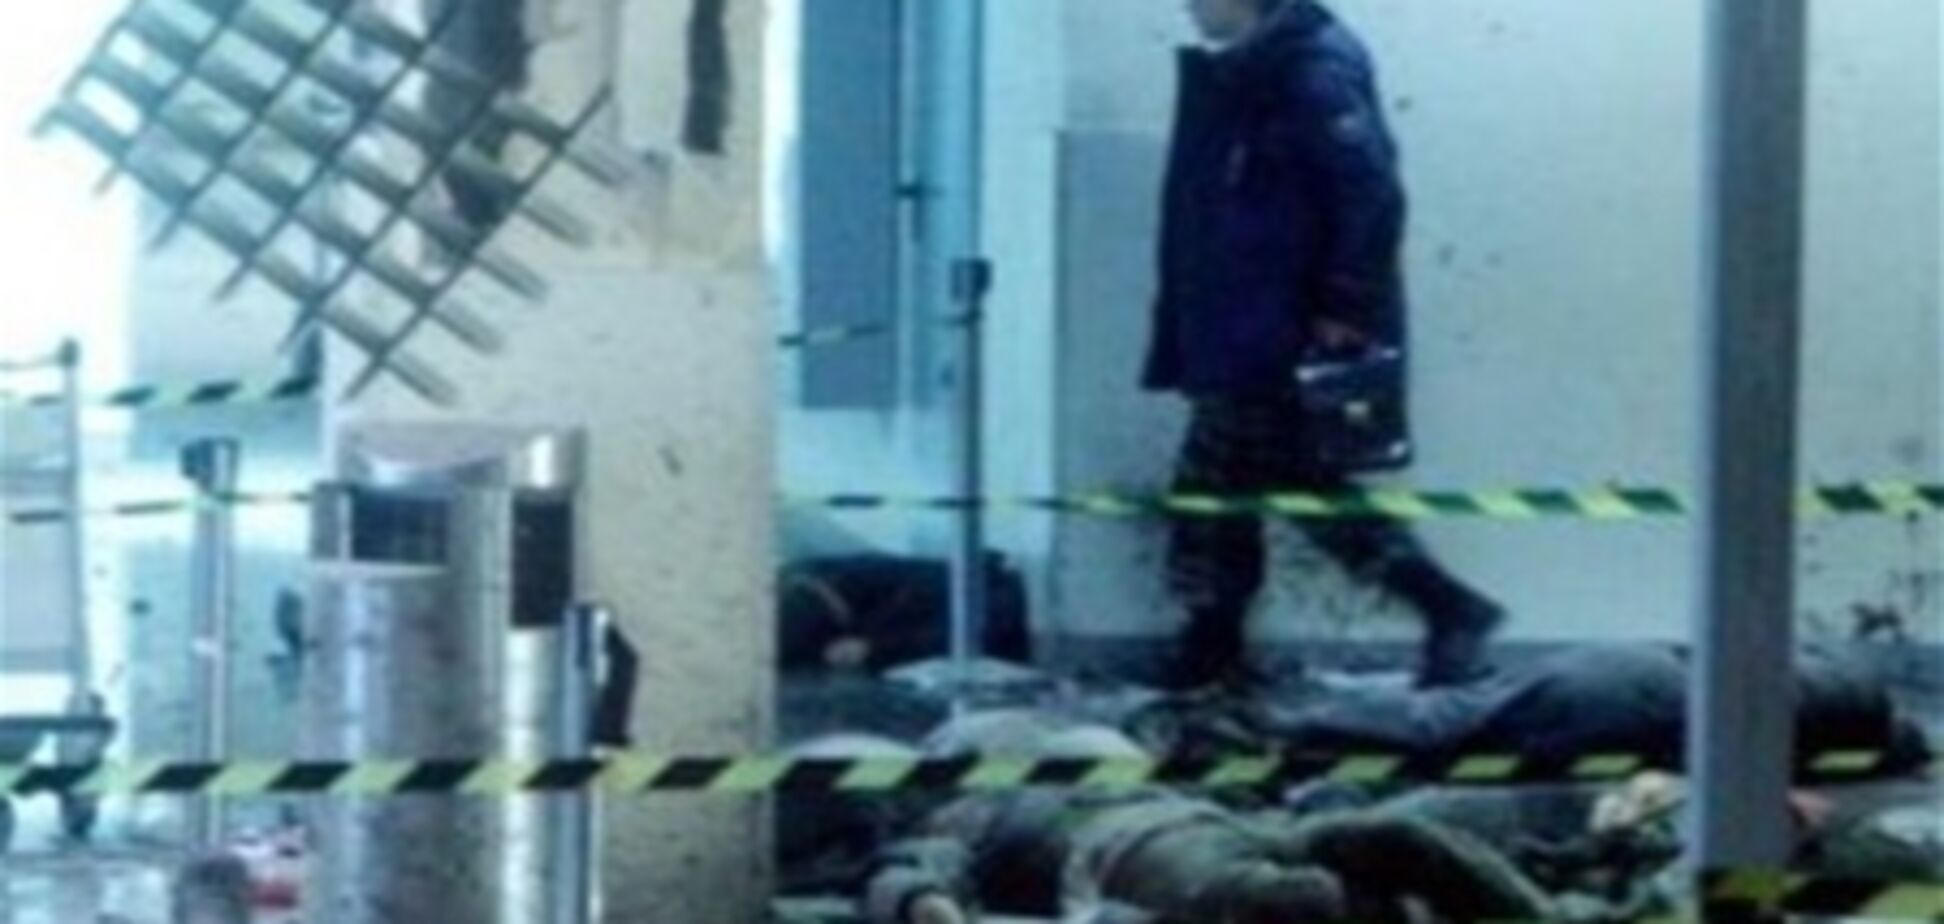 У справі про вибух в 'Домодєдово' з'явилася нова несподівана версія